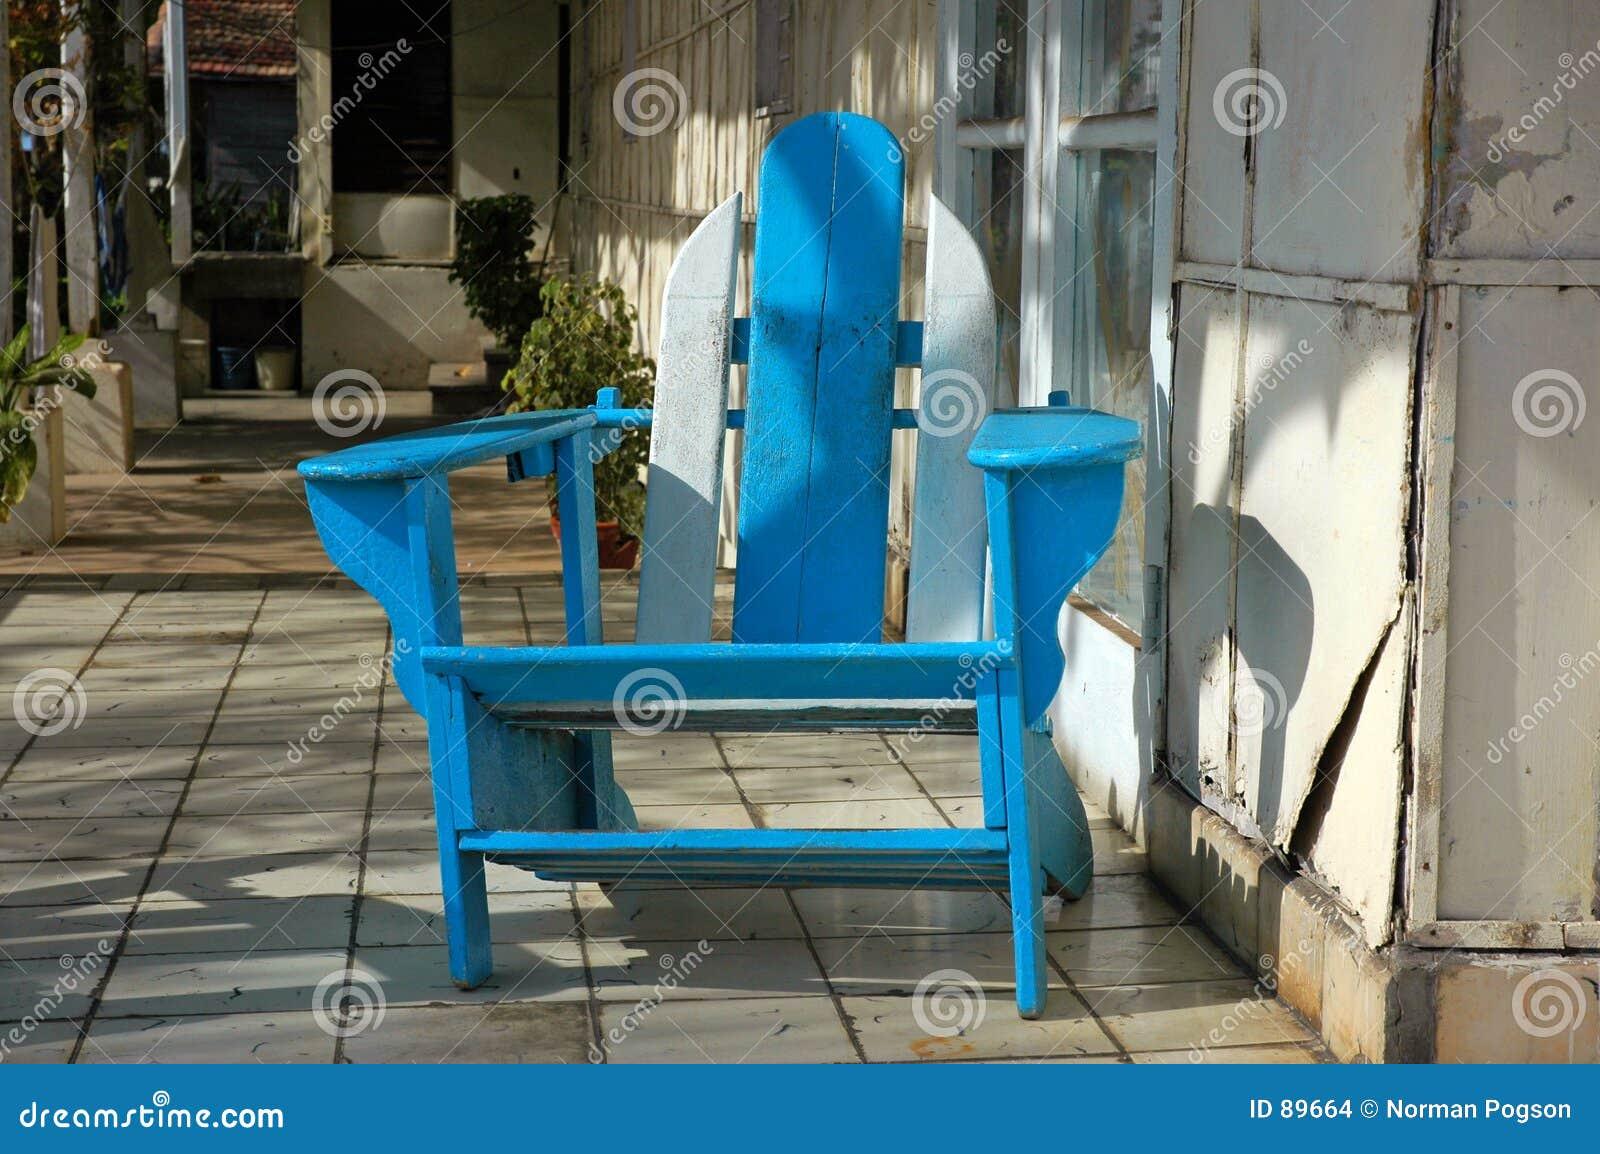 Adirondack chair muskoka